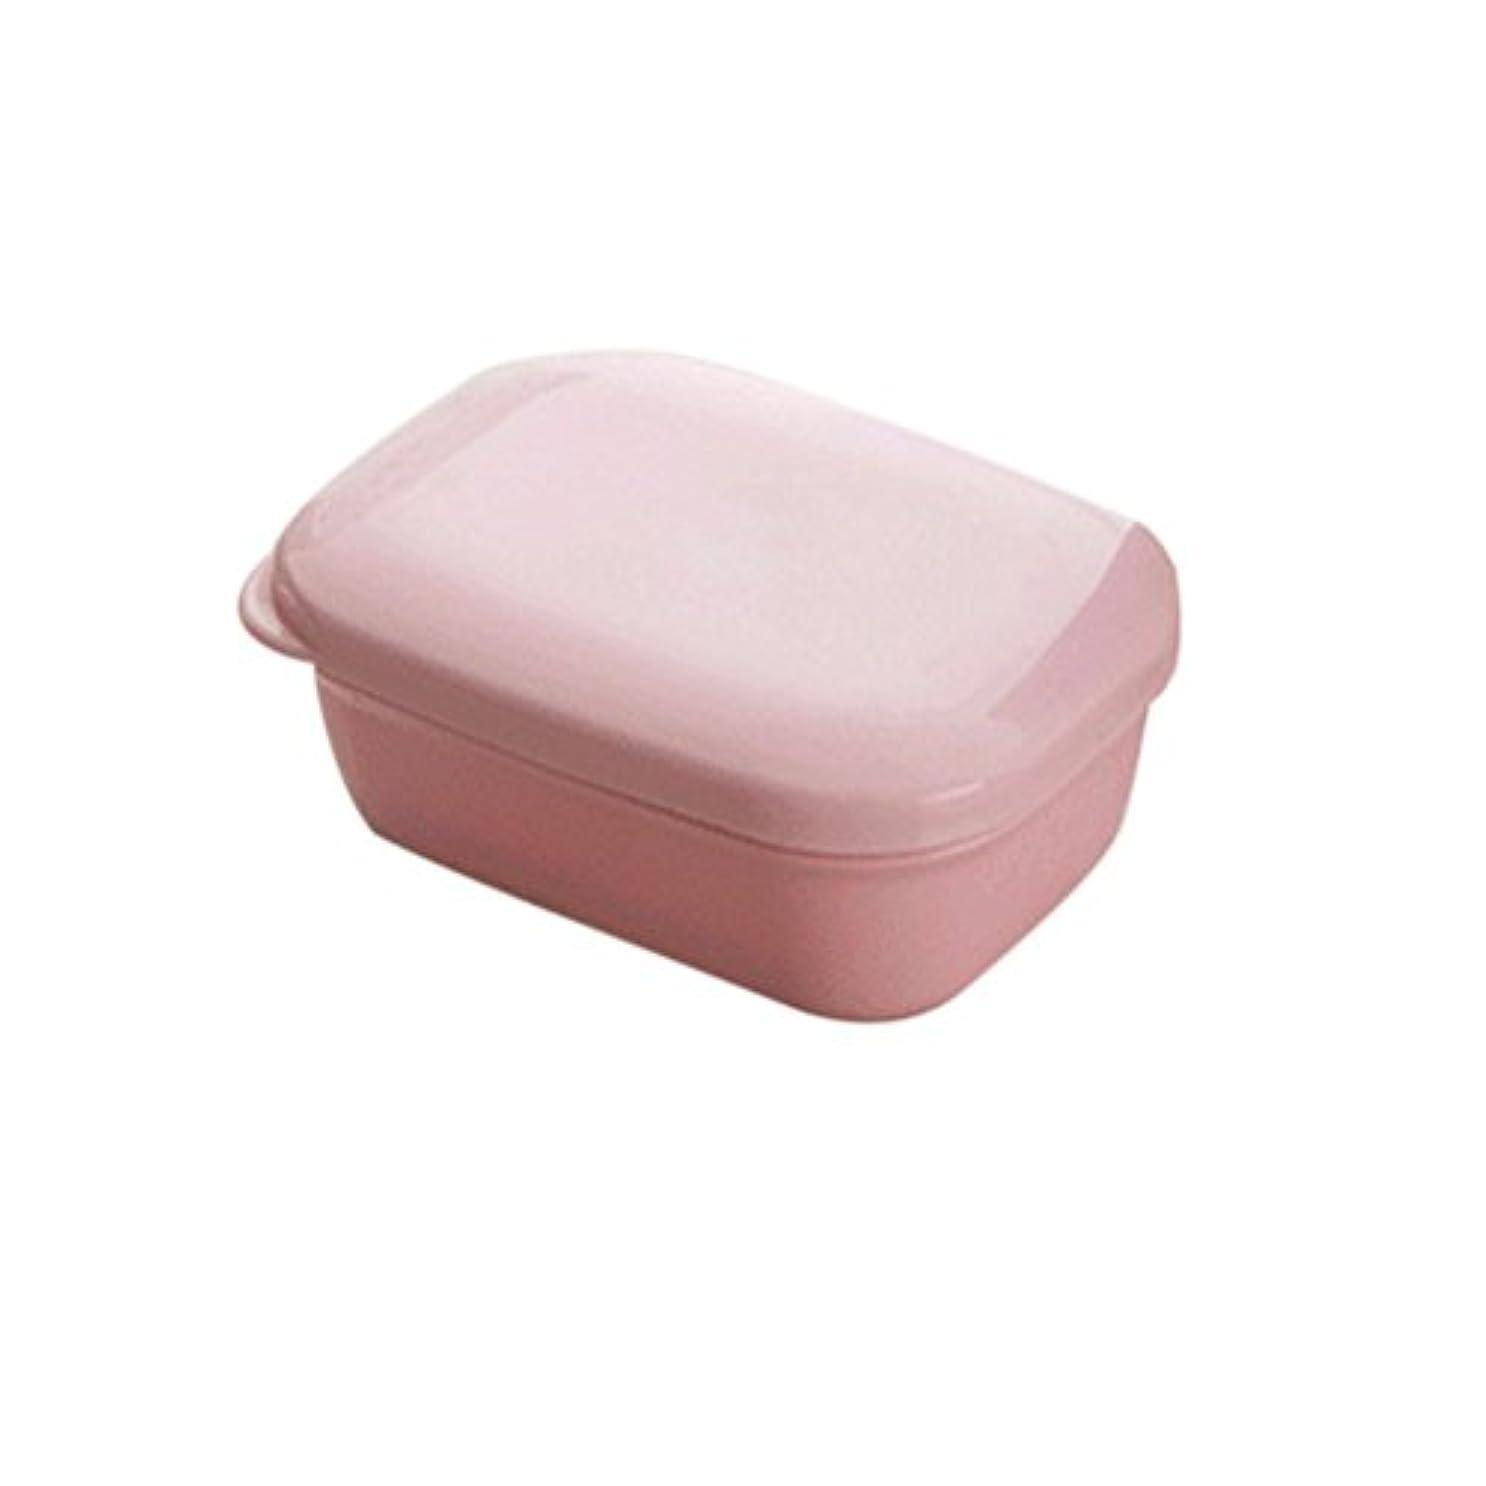 空のフェードアウト歴史的BESTOMZ 石鹸ケース 石鹸置き ソープディッシュ 旅行用 携帯 ふた付け(ピンク)